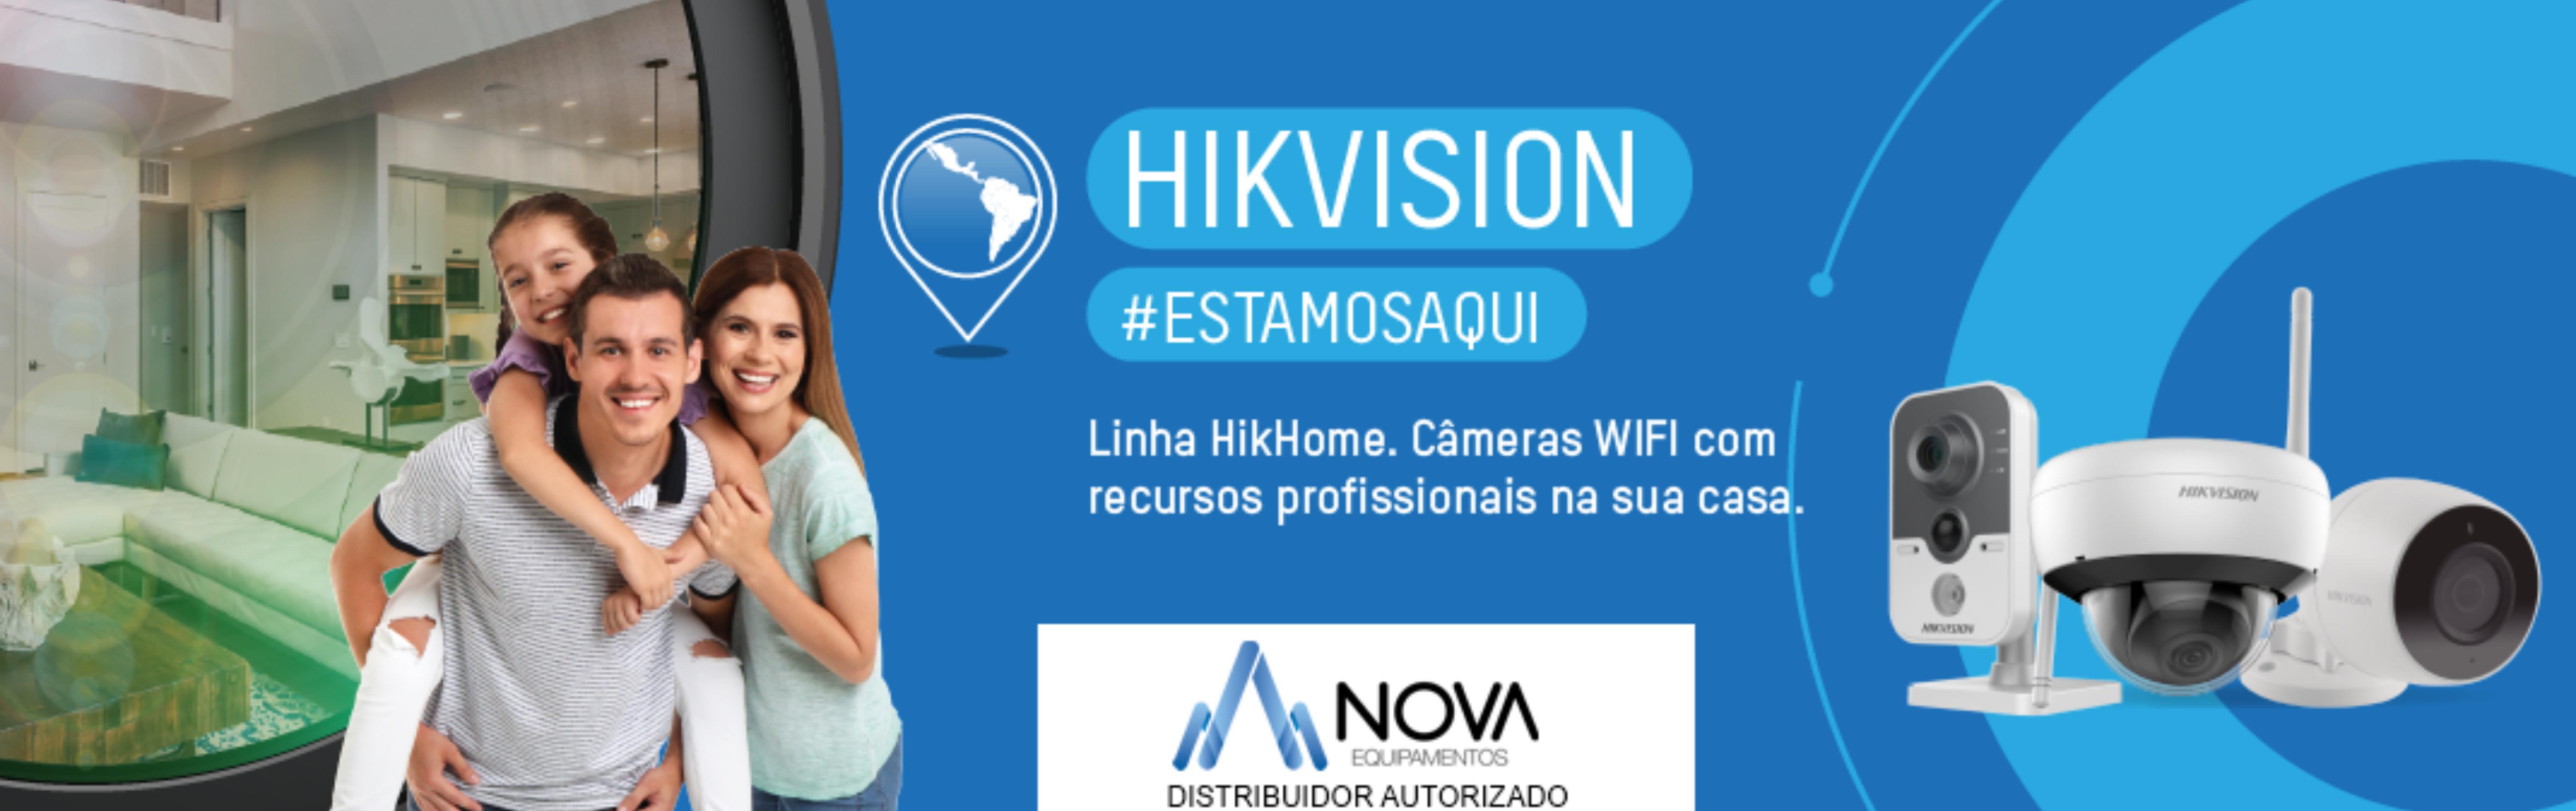 Hikvision_03